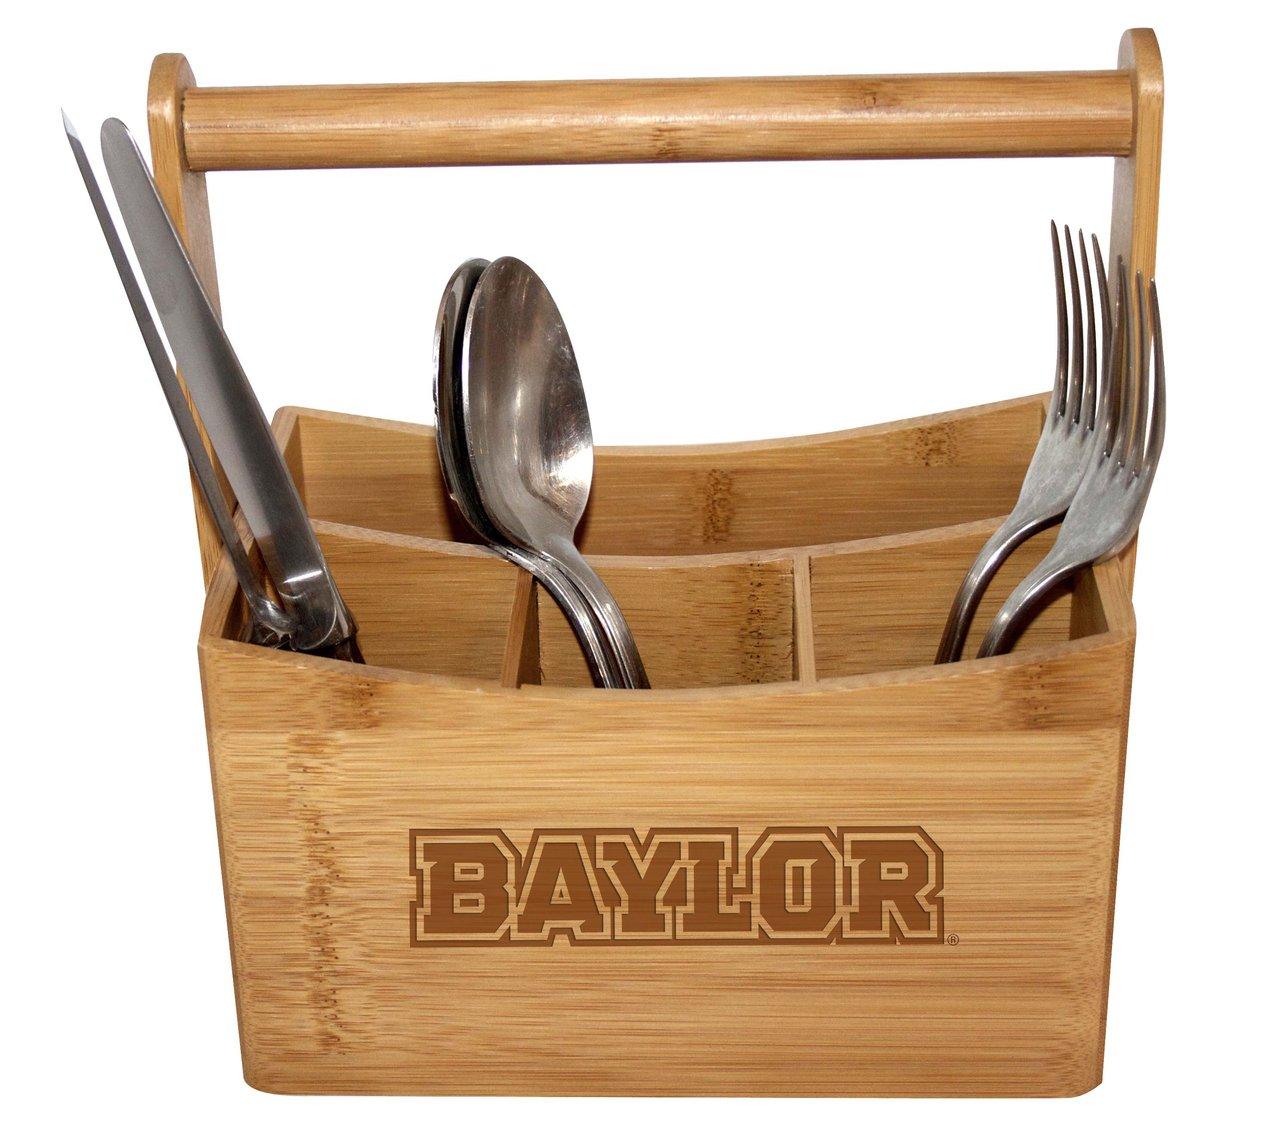 Baylor Bamboo Caddy